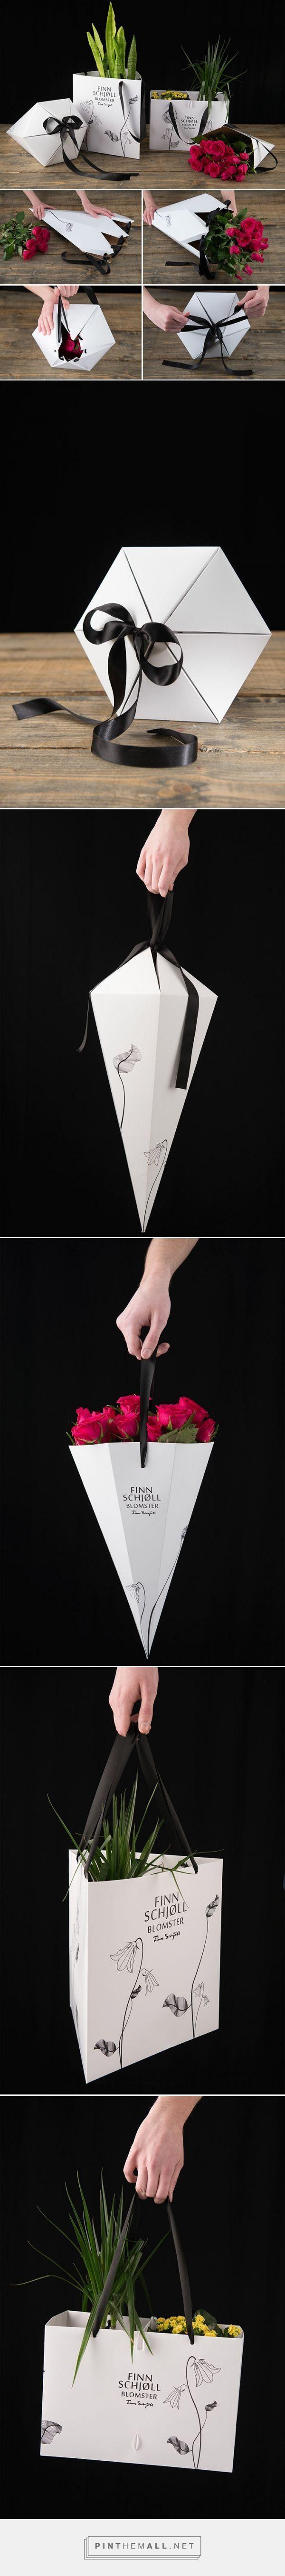 Flower packaging by Linnea Åkerberg